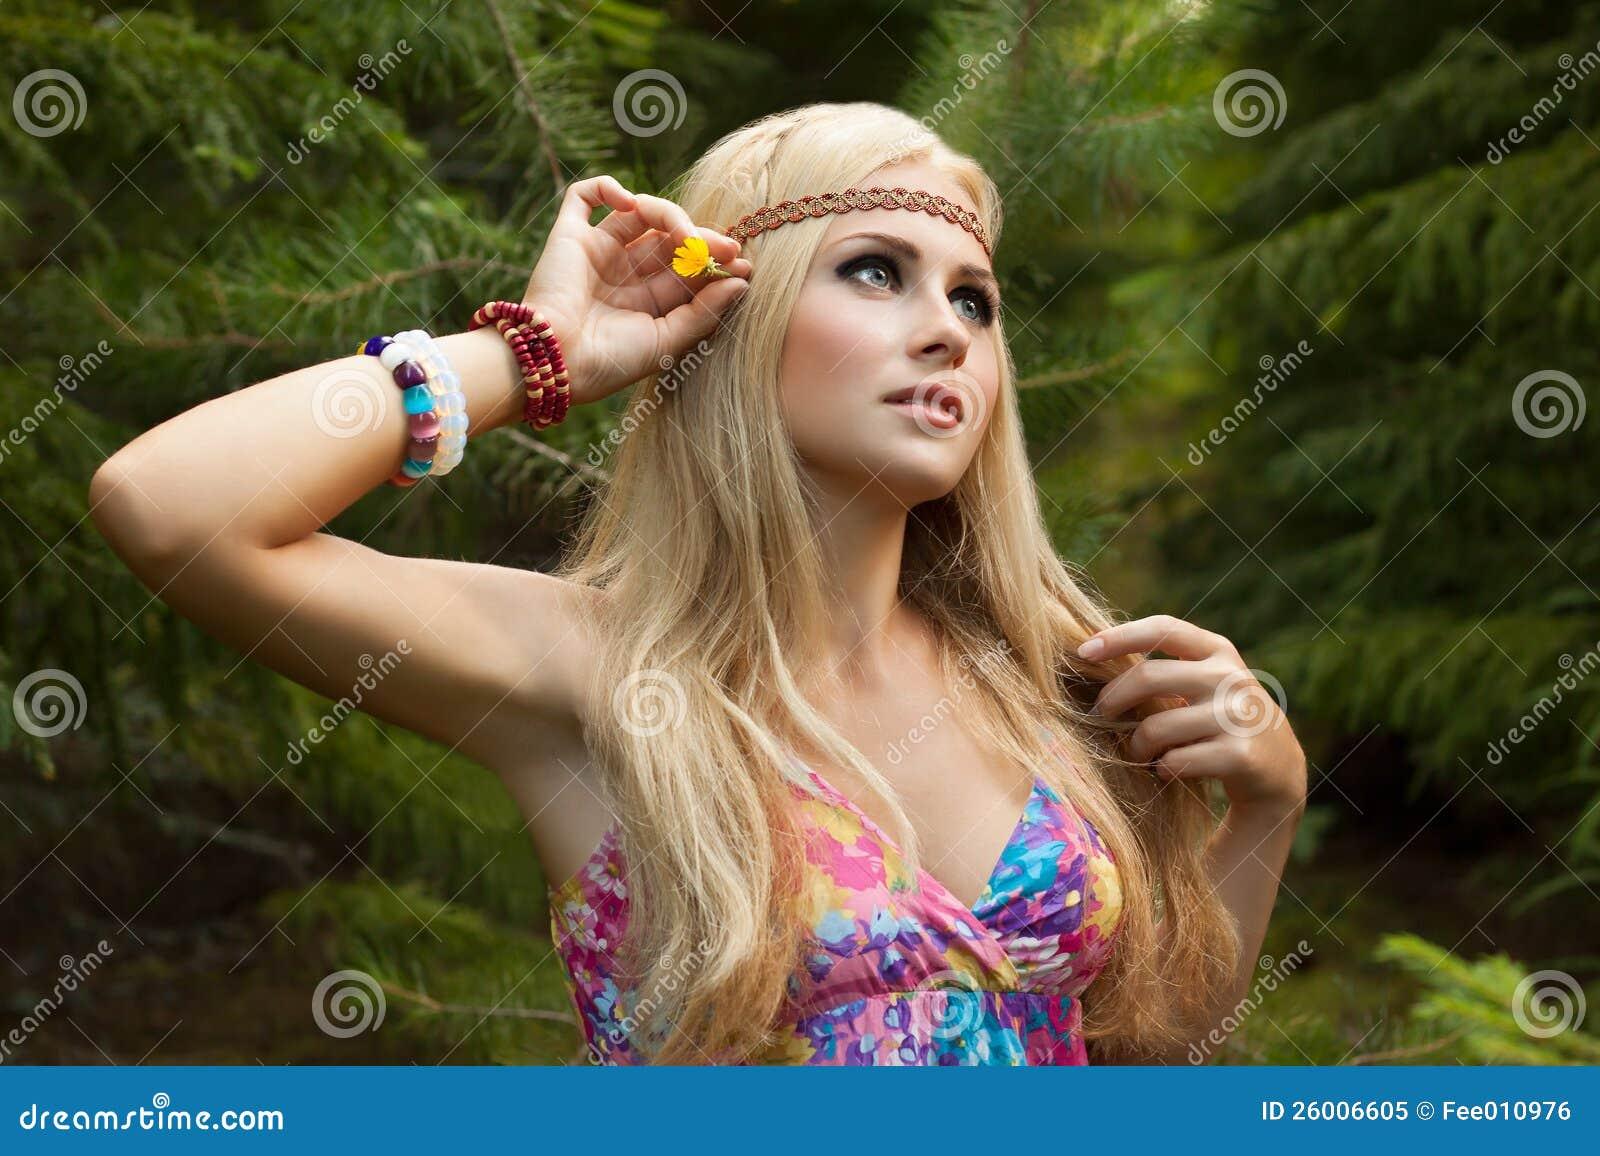 Фото девушек хиппи голых, Старые хиппи ебутся в переулке порно фото бесплатно 25 фотография